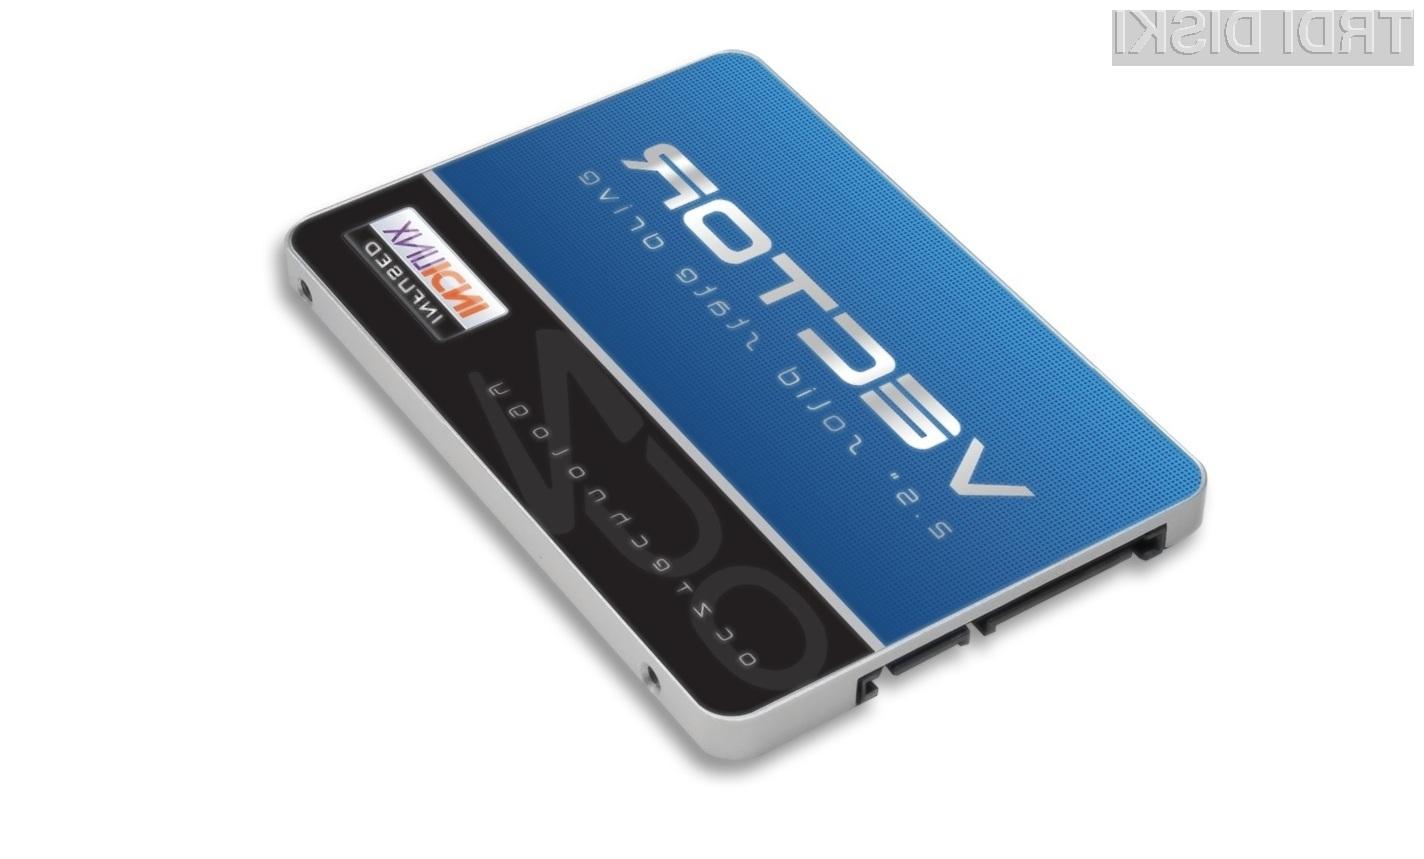 Nova serija OCZ-jevih SSD diskov se lahko pohvali z novim vmesnikom Barefoot 3, ki omogoča veliko hitrejše zapisovanje podatkov.